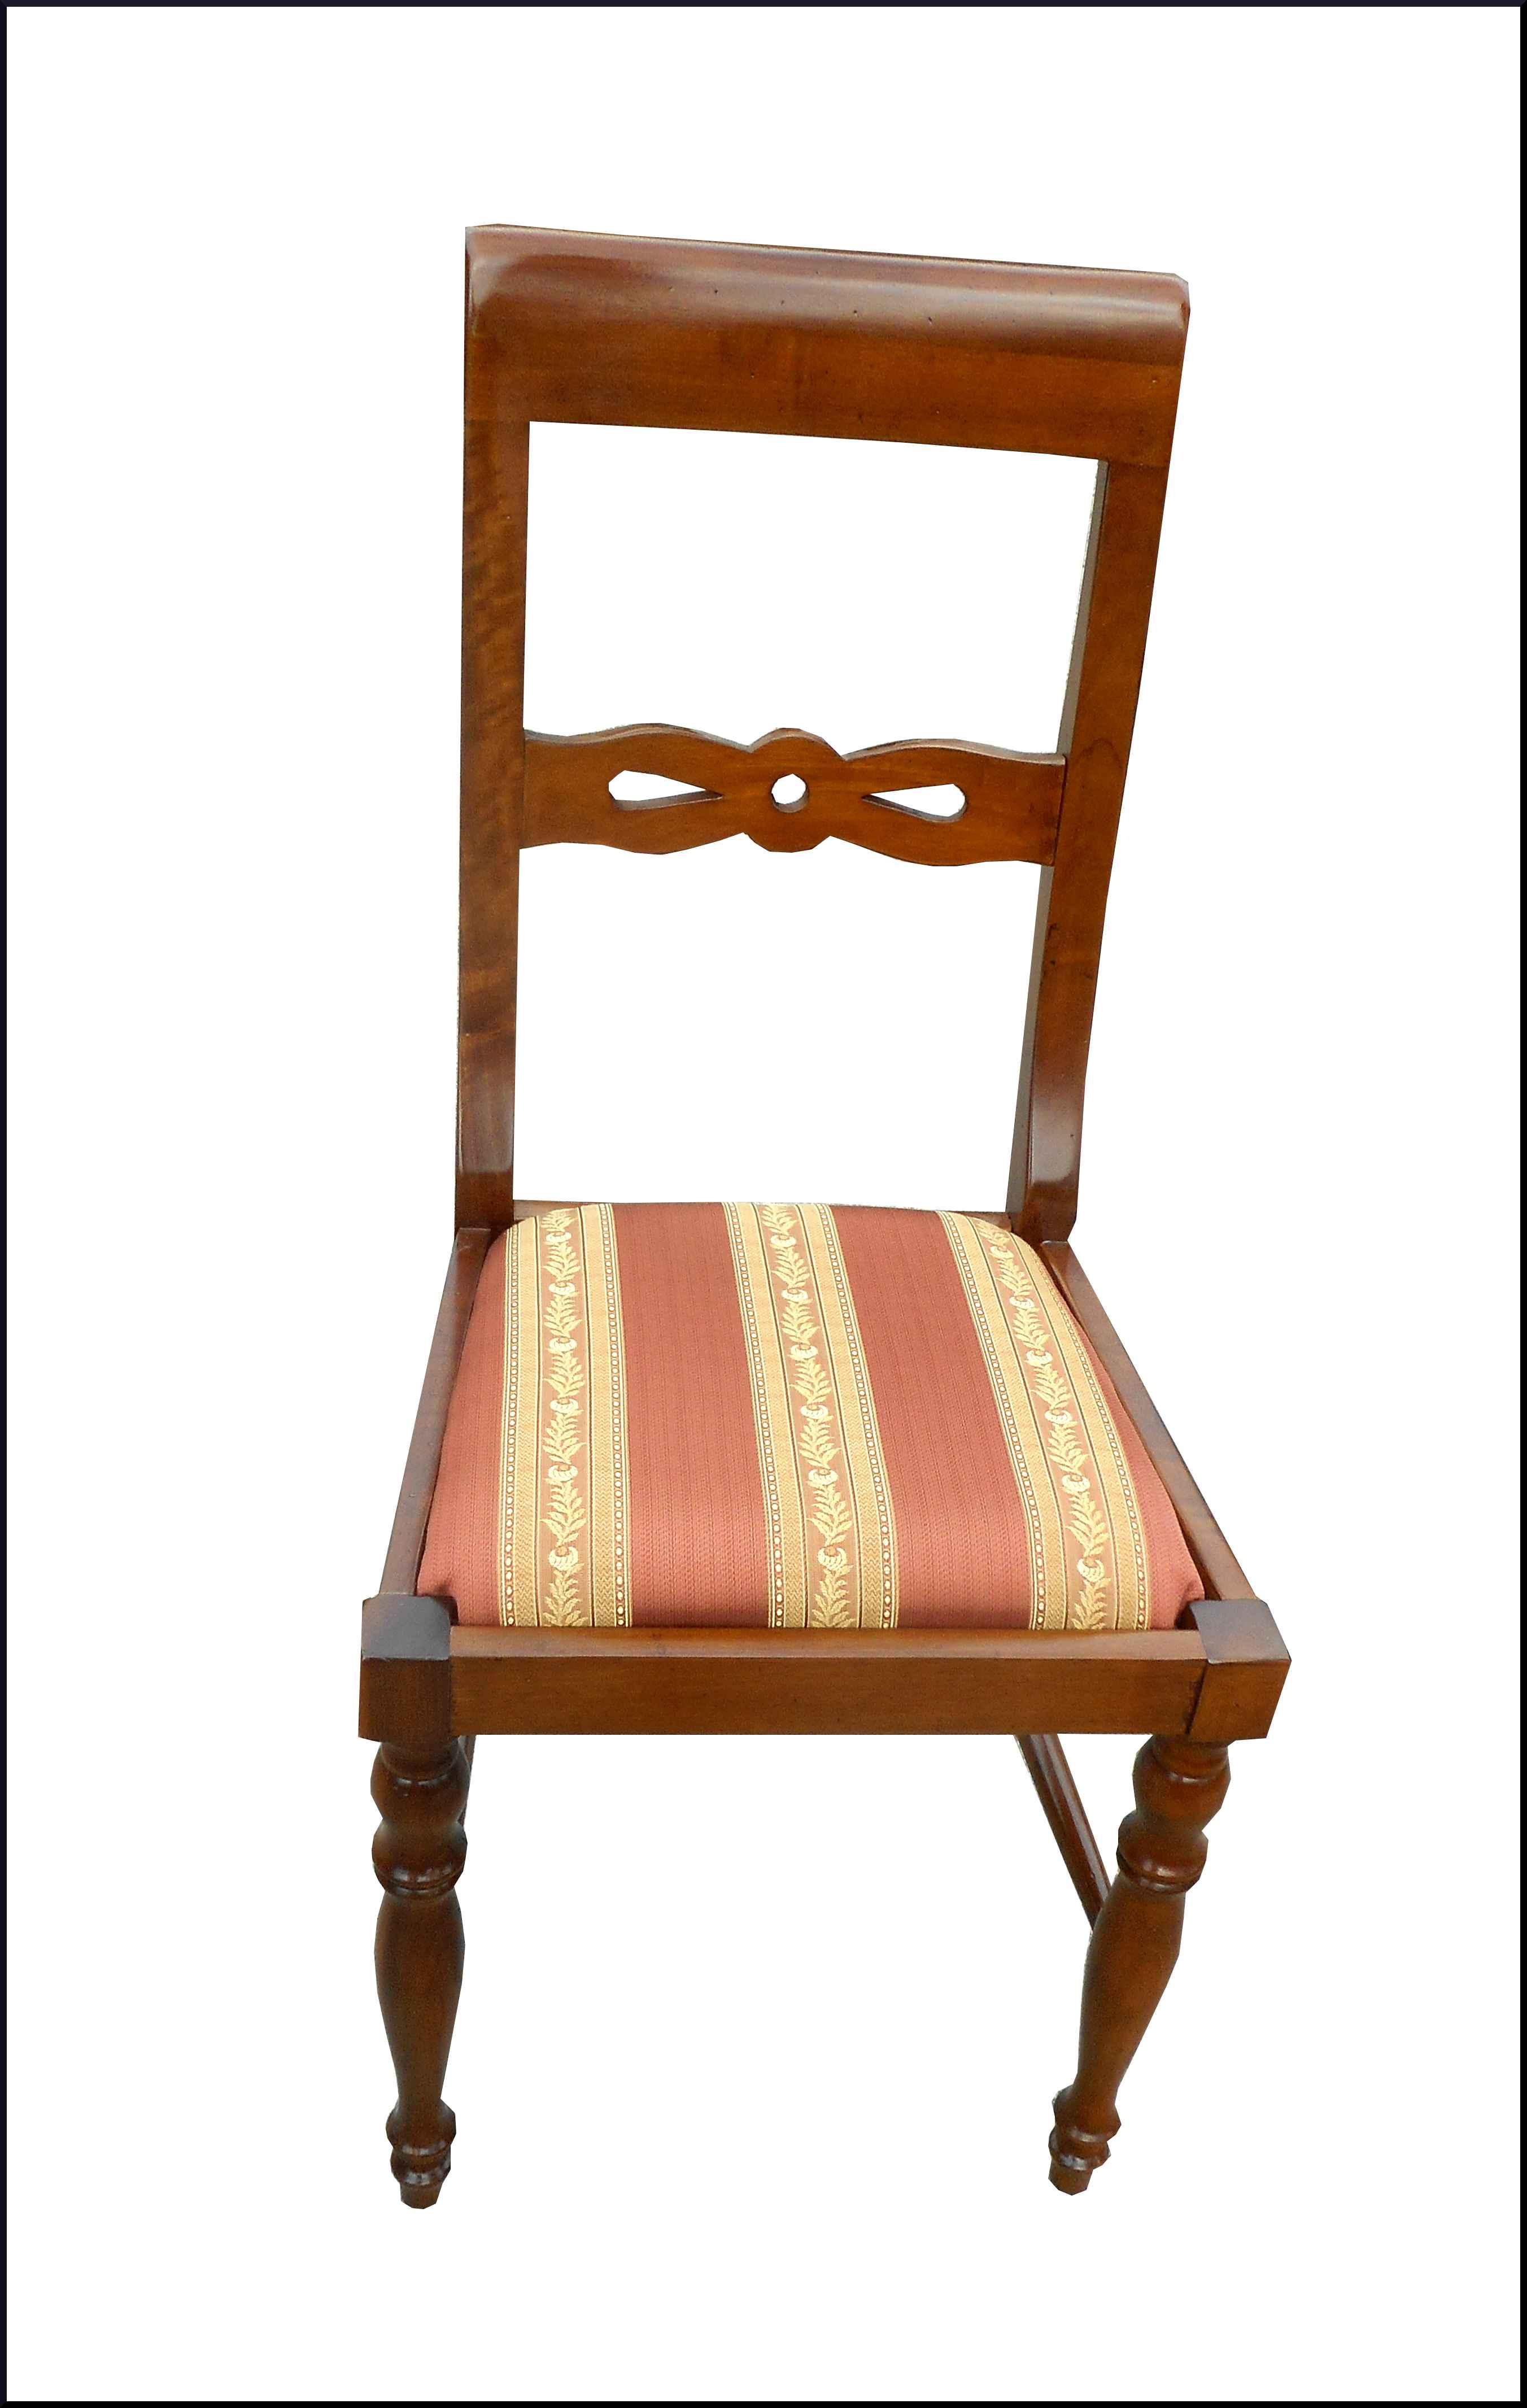 Sedia classica con stoffa